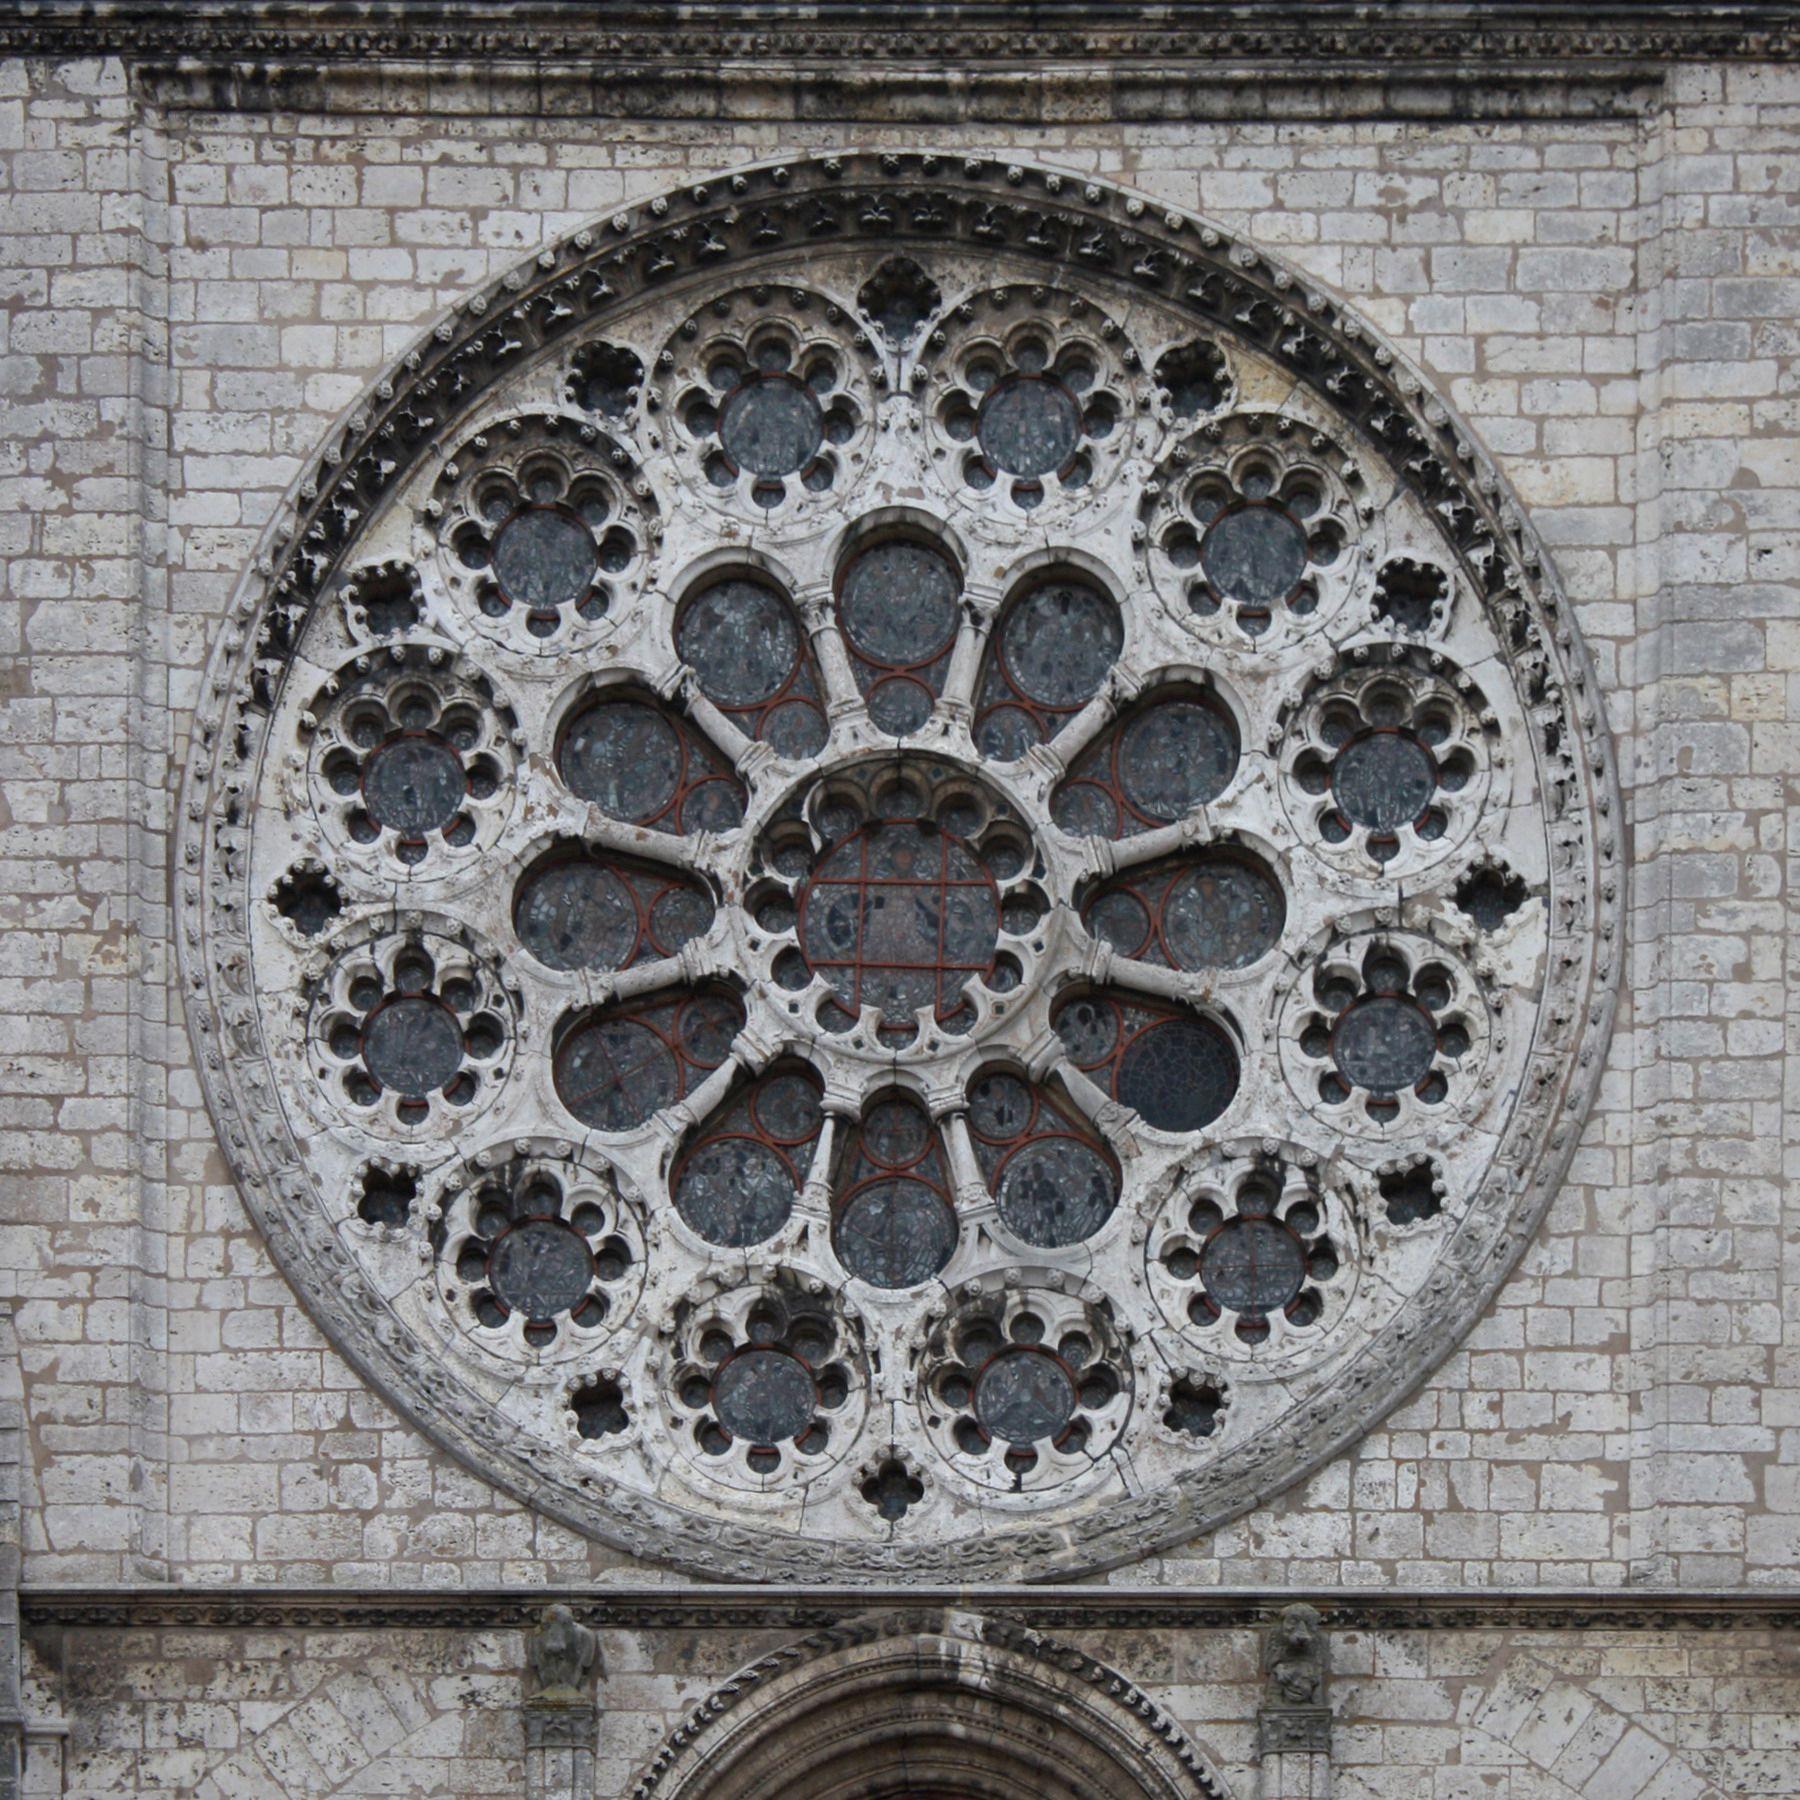 Cathédrale_de_Chartres_-_rosace_ouest,_extérieur.JPG (1800×1800)